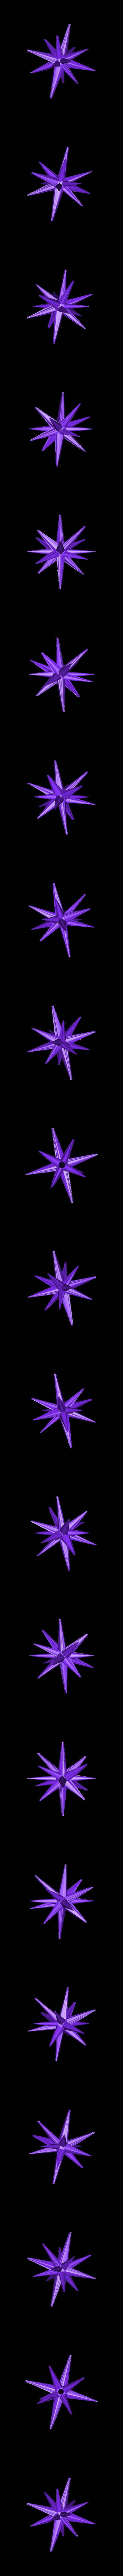 Etoile sapin de noêl sans fixation.stl Télécharger fichier STL gratuit ETOILE pour sapin de noël • Modèle à imprimer en 3D, PHIL